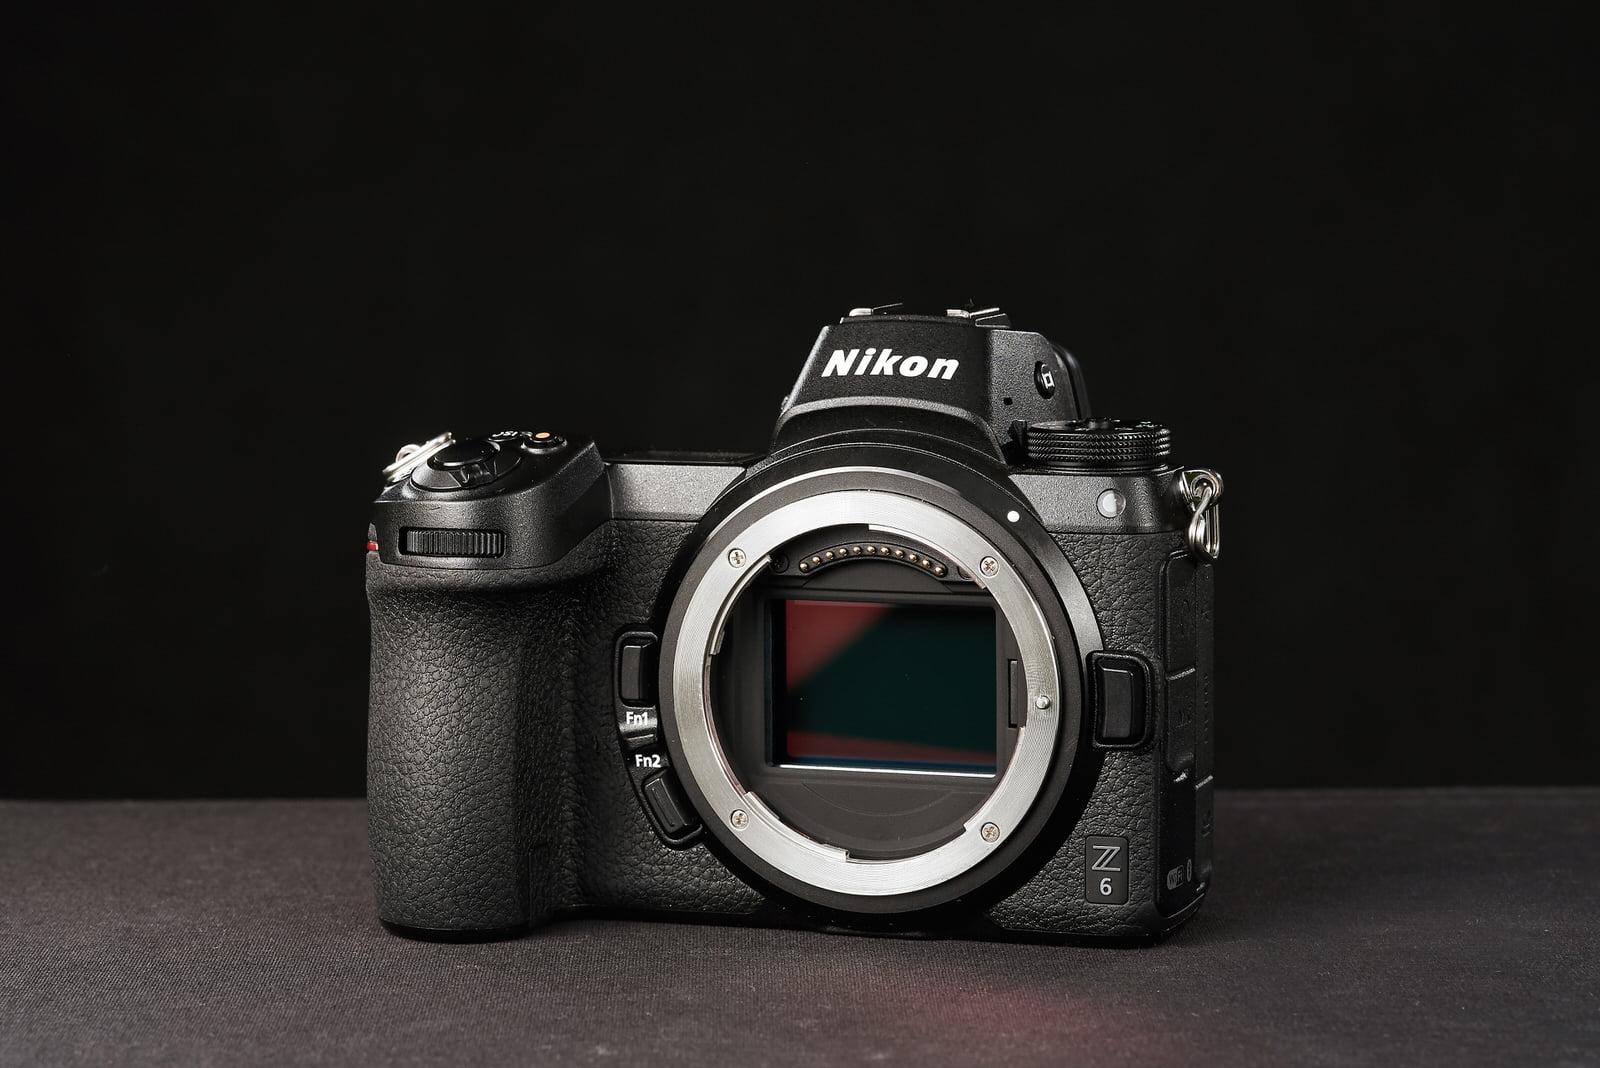 Recenzja Nikon Z6 w fotografii ślubnej | Porównanie do Nikona D750 2